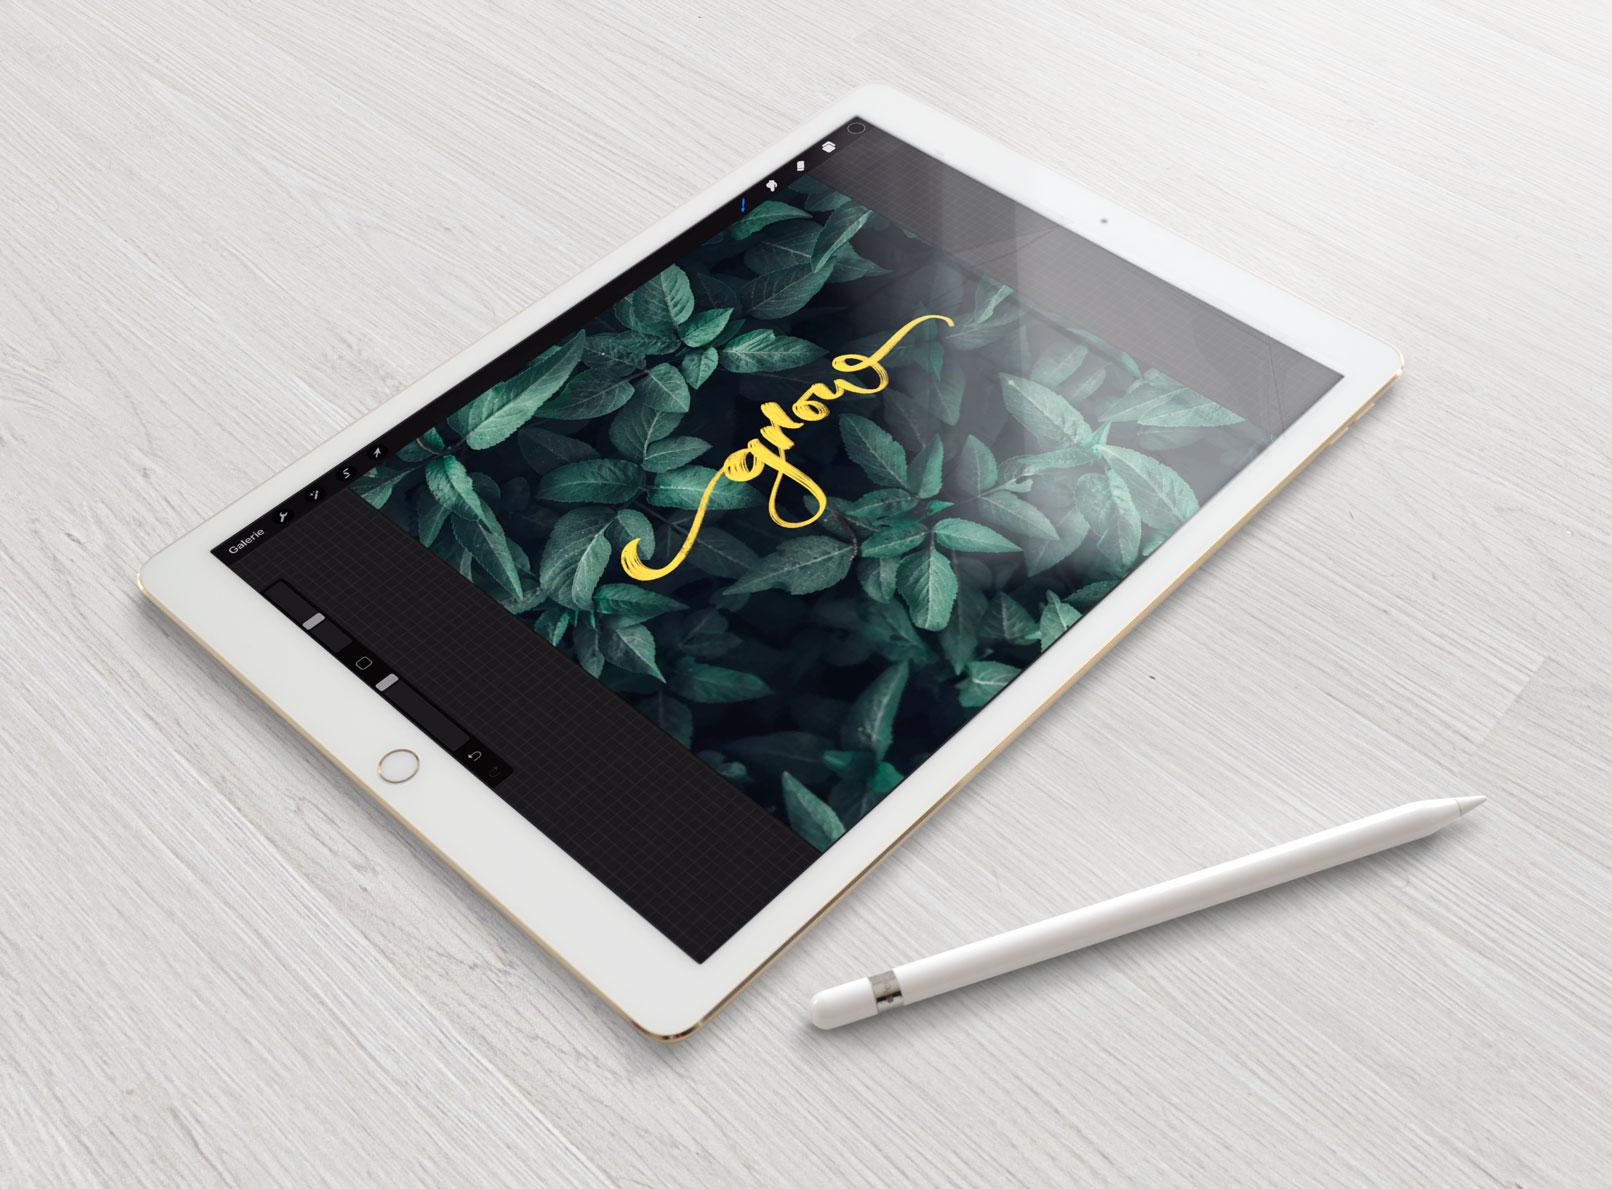 Digitales Zeichnen auf dem iPad mit diesem Procreate Tutorial